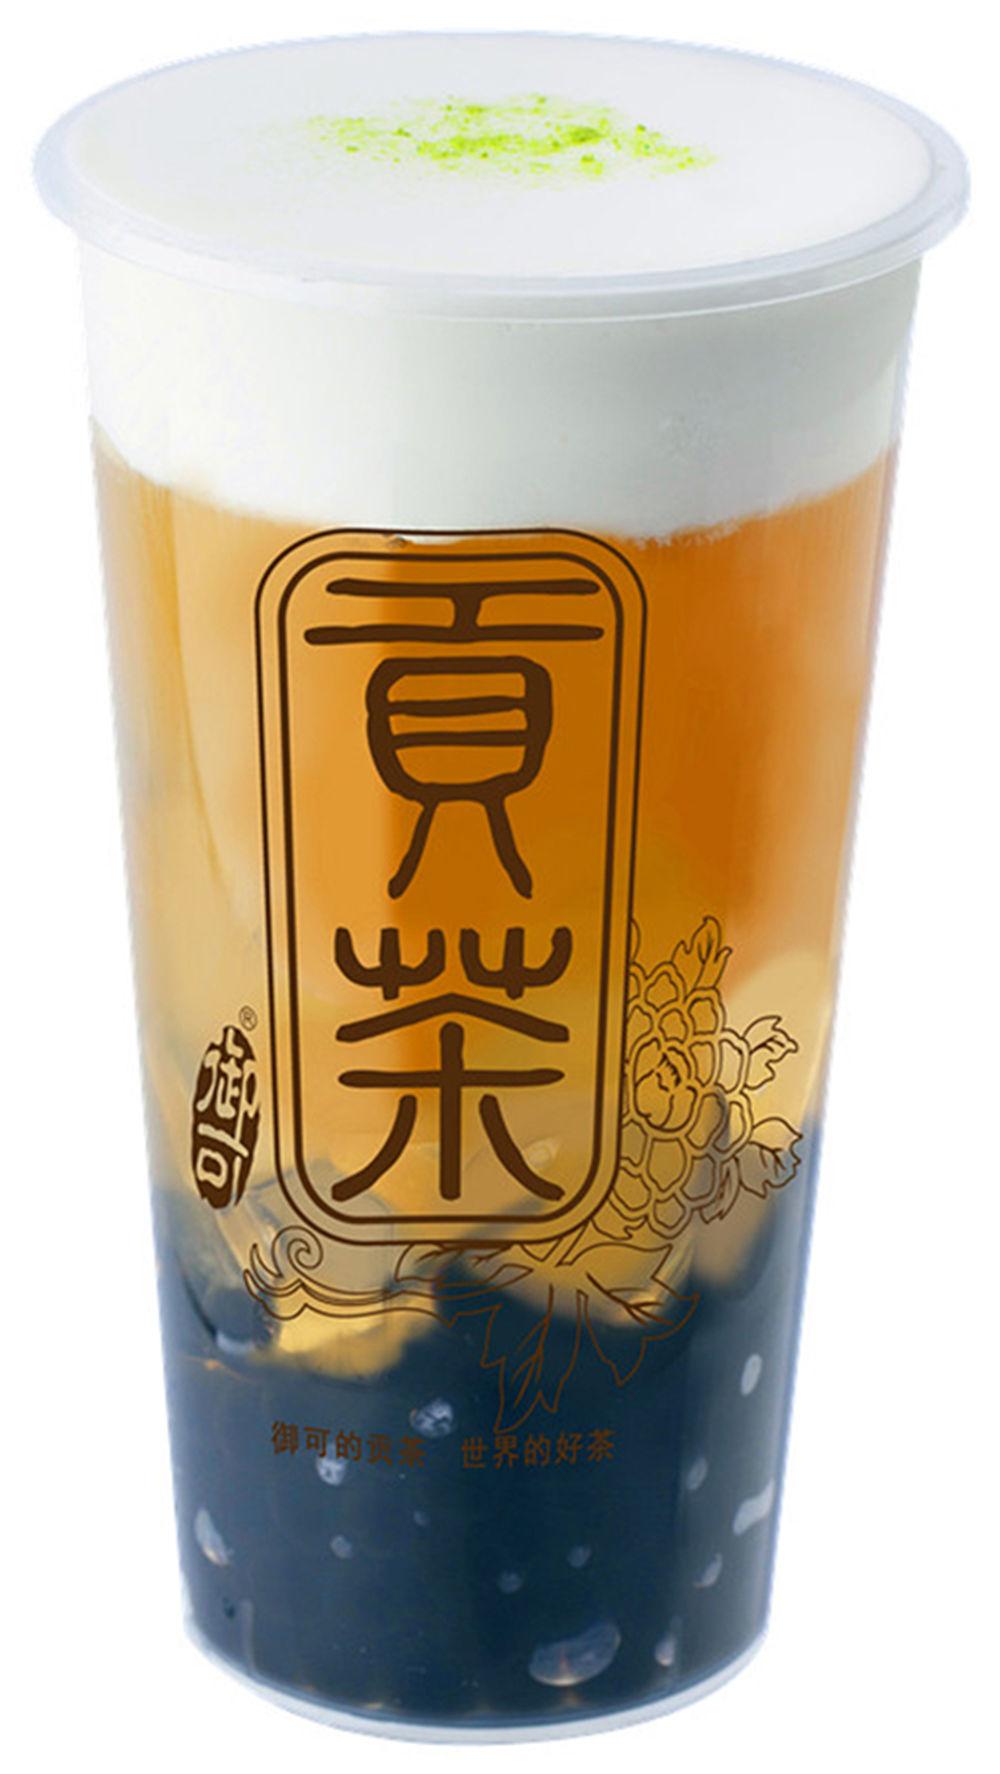 【招牌贡茶】招牌珍珠奶盖茶